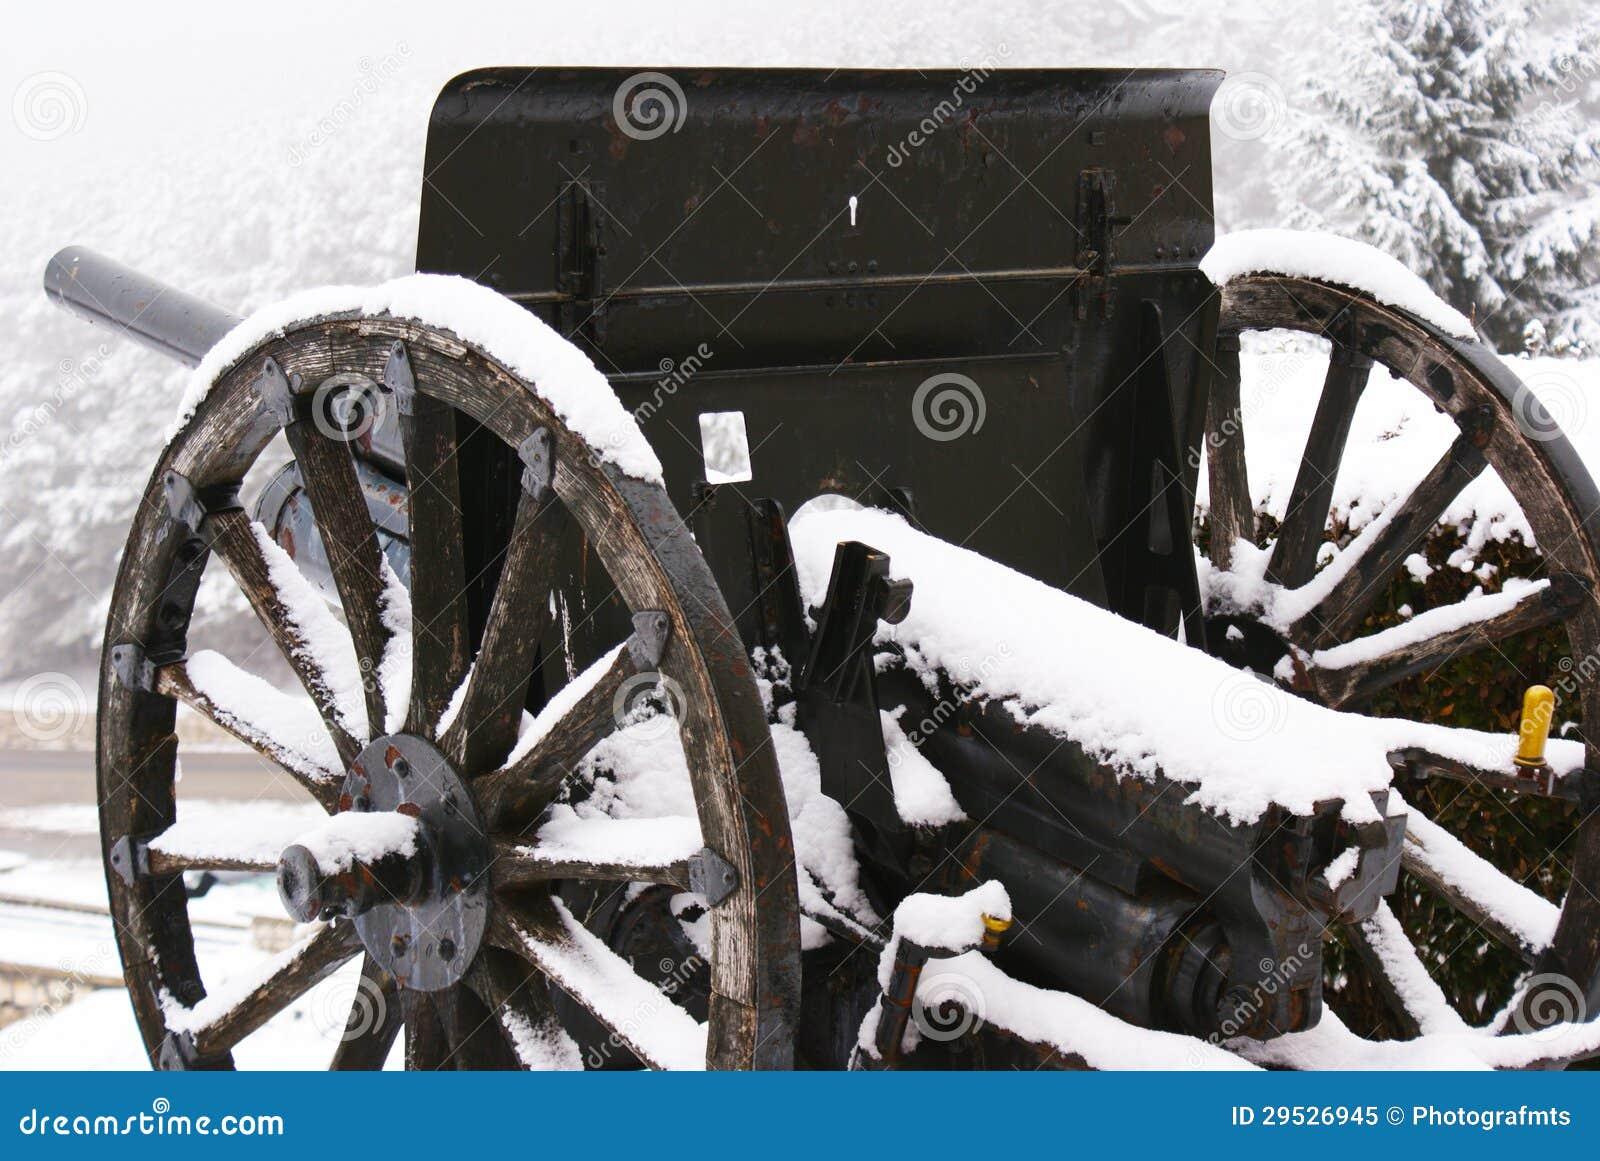 Canhão preto no inverno